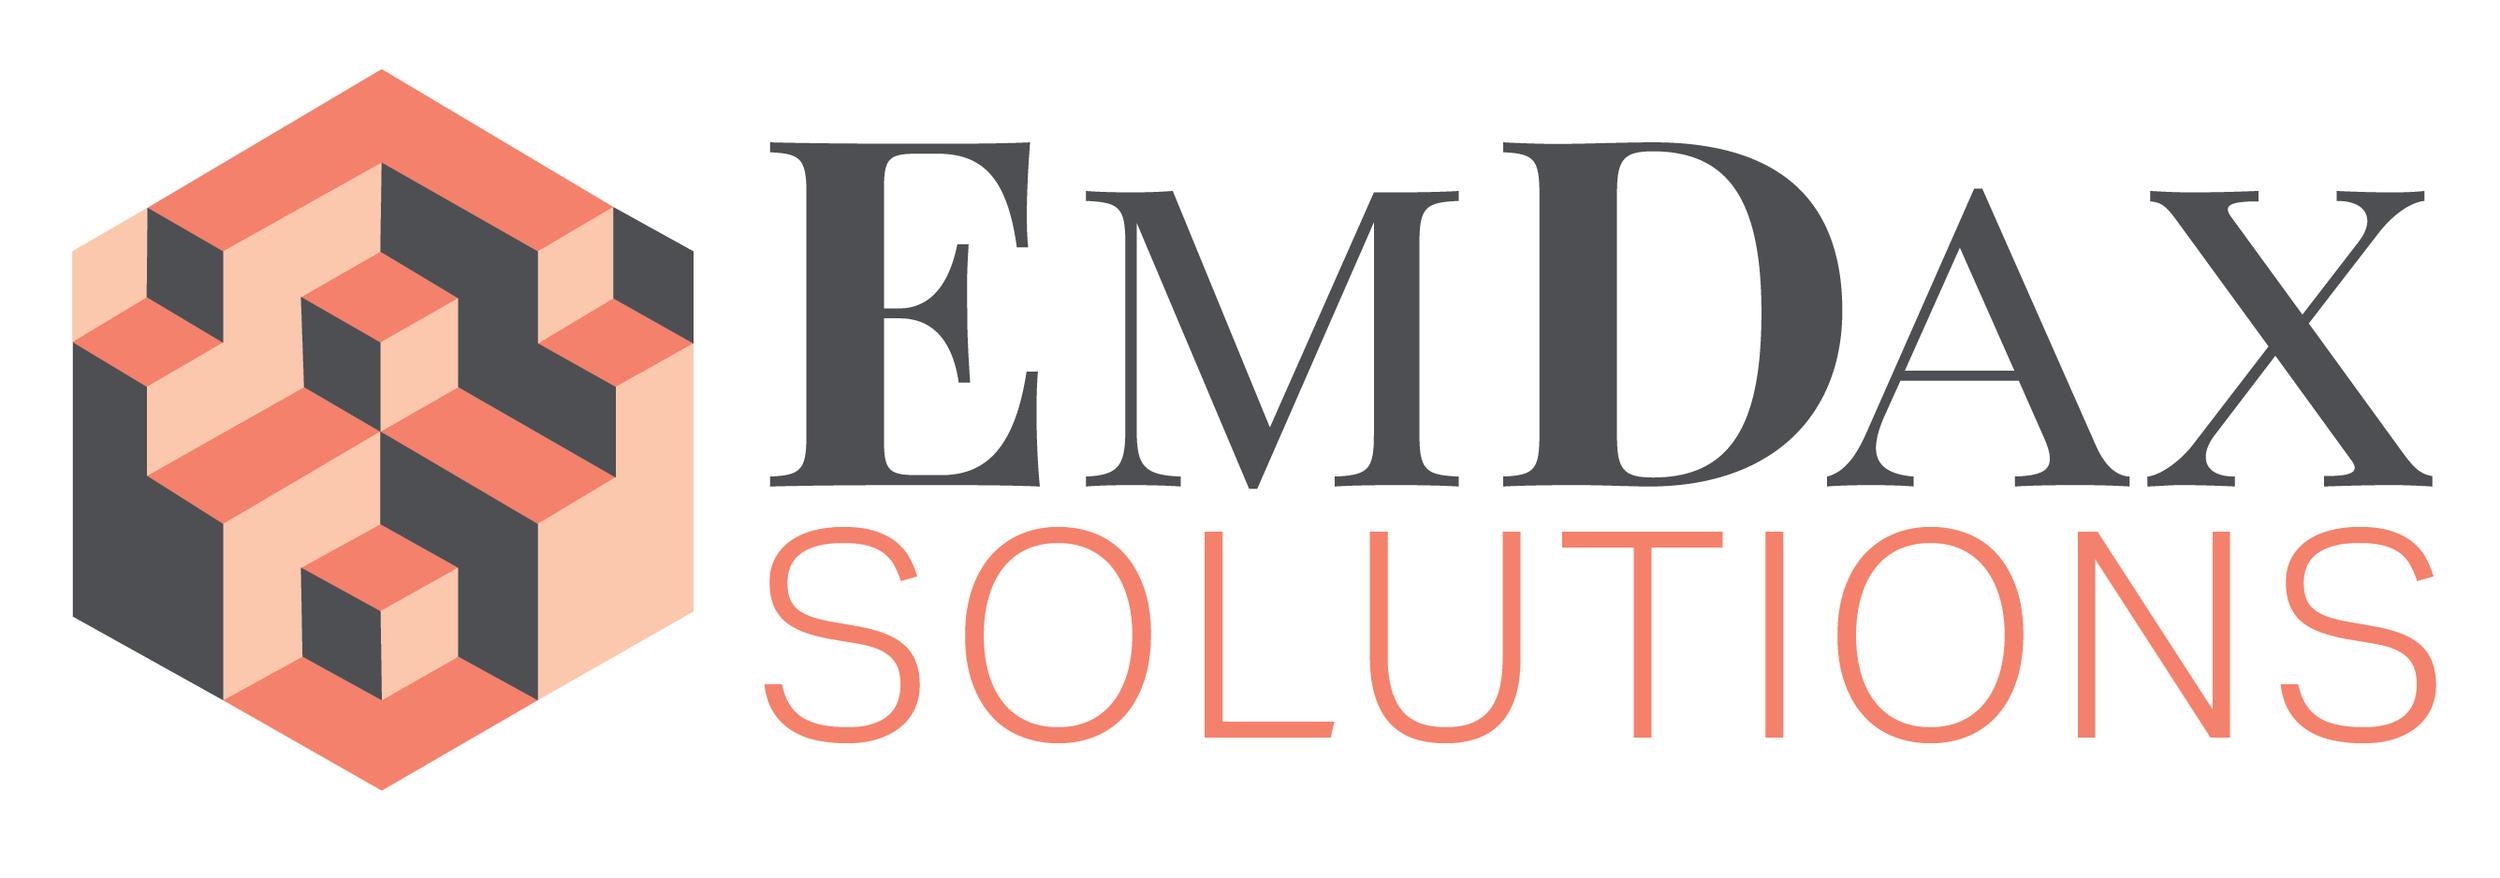 EmDax Logo RGB copy.jpg